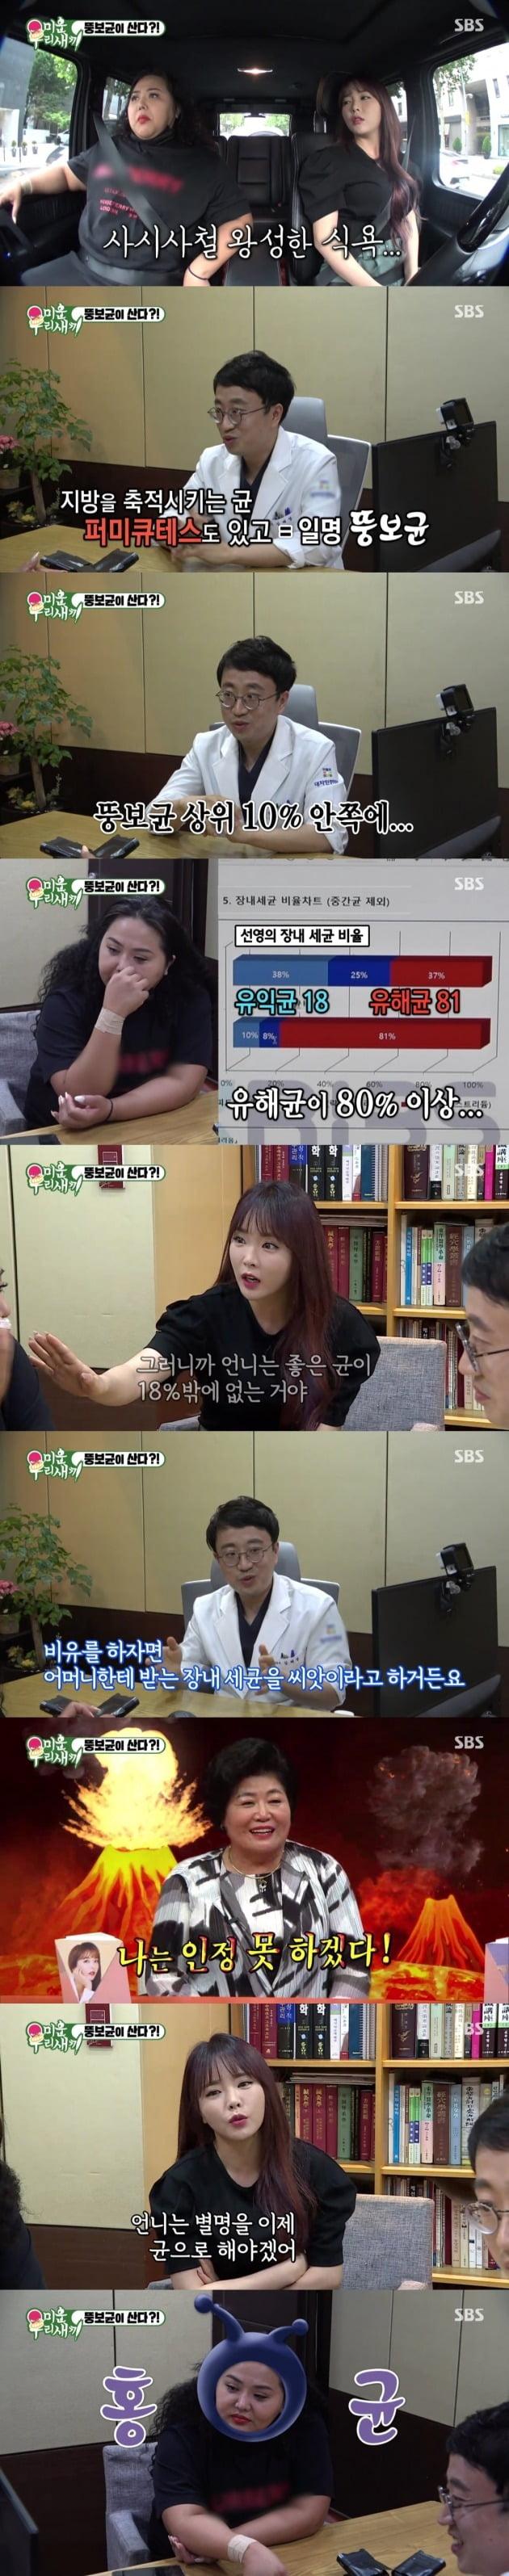 '미우새' 홍선영이 충격적인 뚱보균 검사 결과를 받았다. / 사진제공=SBS